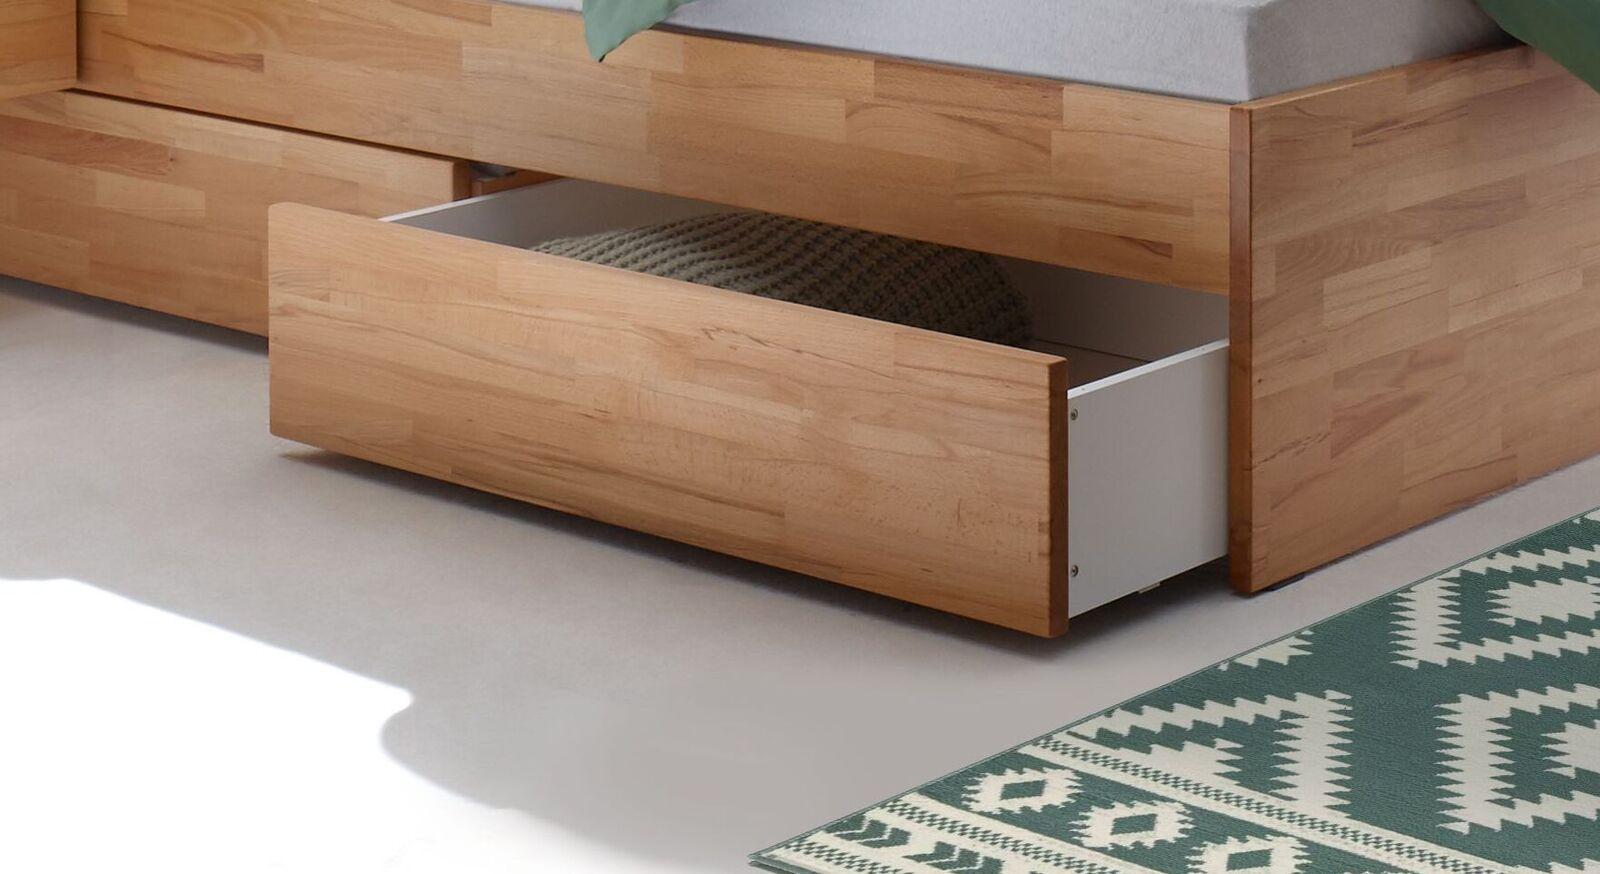 Schubkasten-Doppelbett Mirenda aus massivem Naturholz